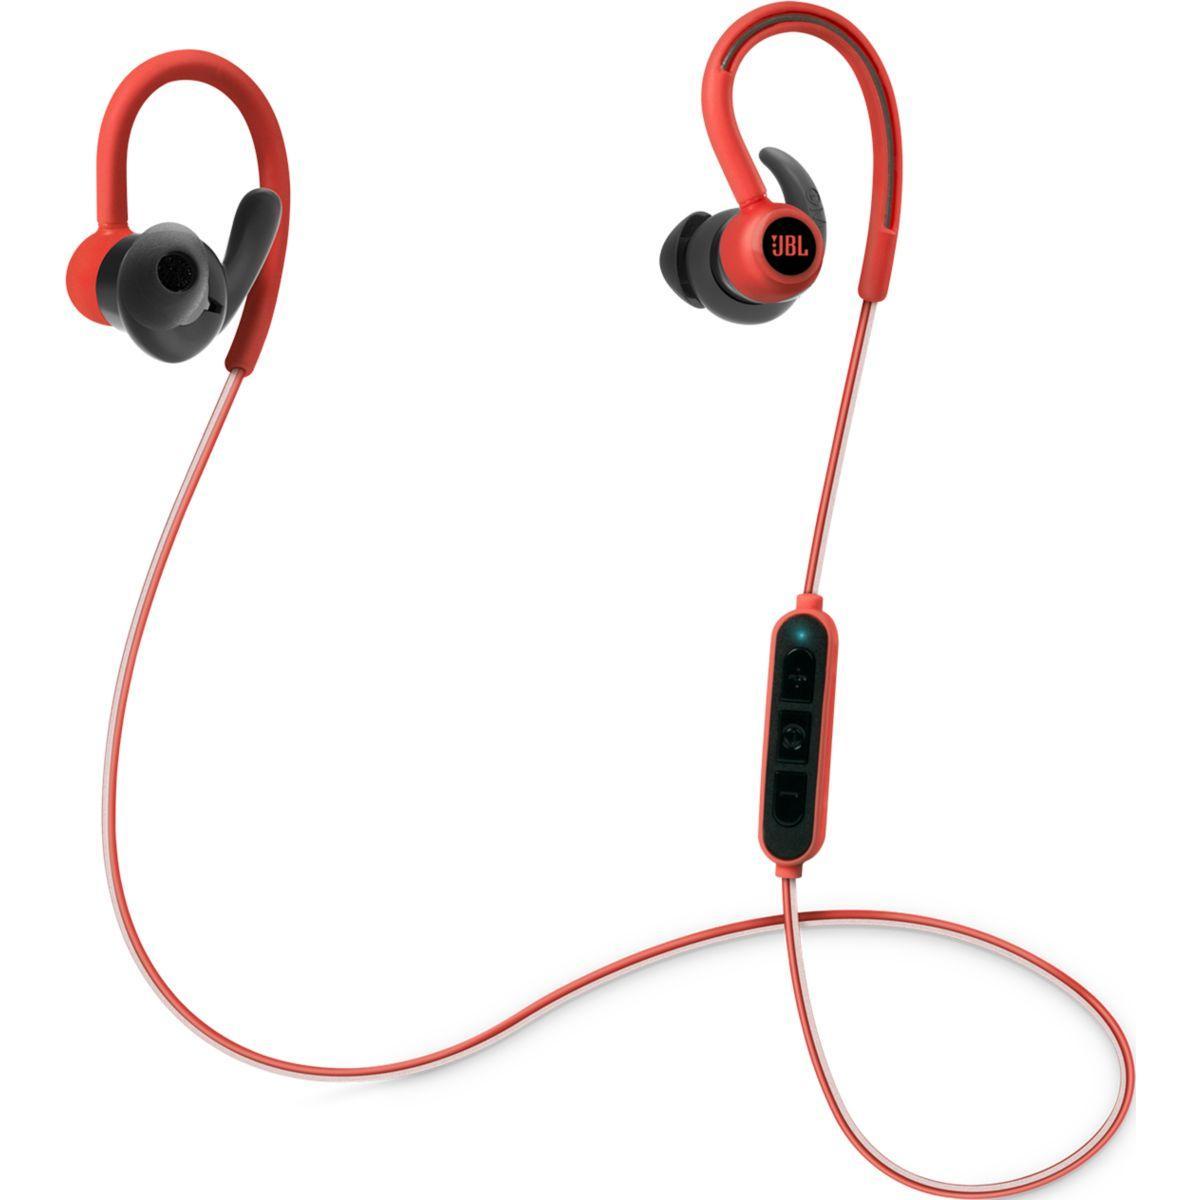 Ecouteur sport jbl reflect contour rouge - livraison offerte : code livprem